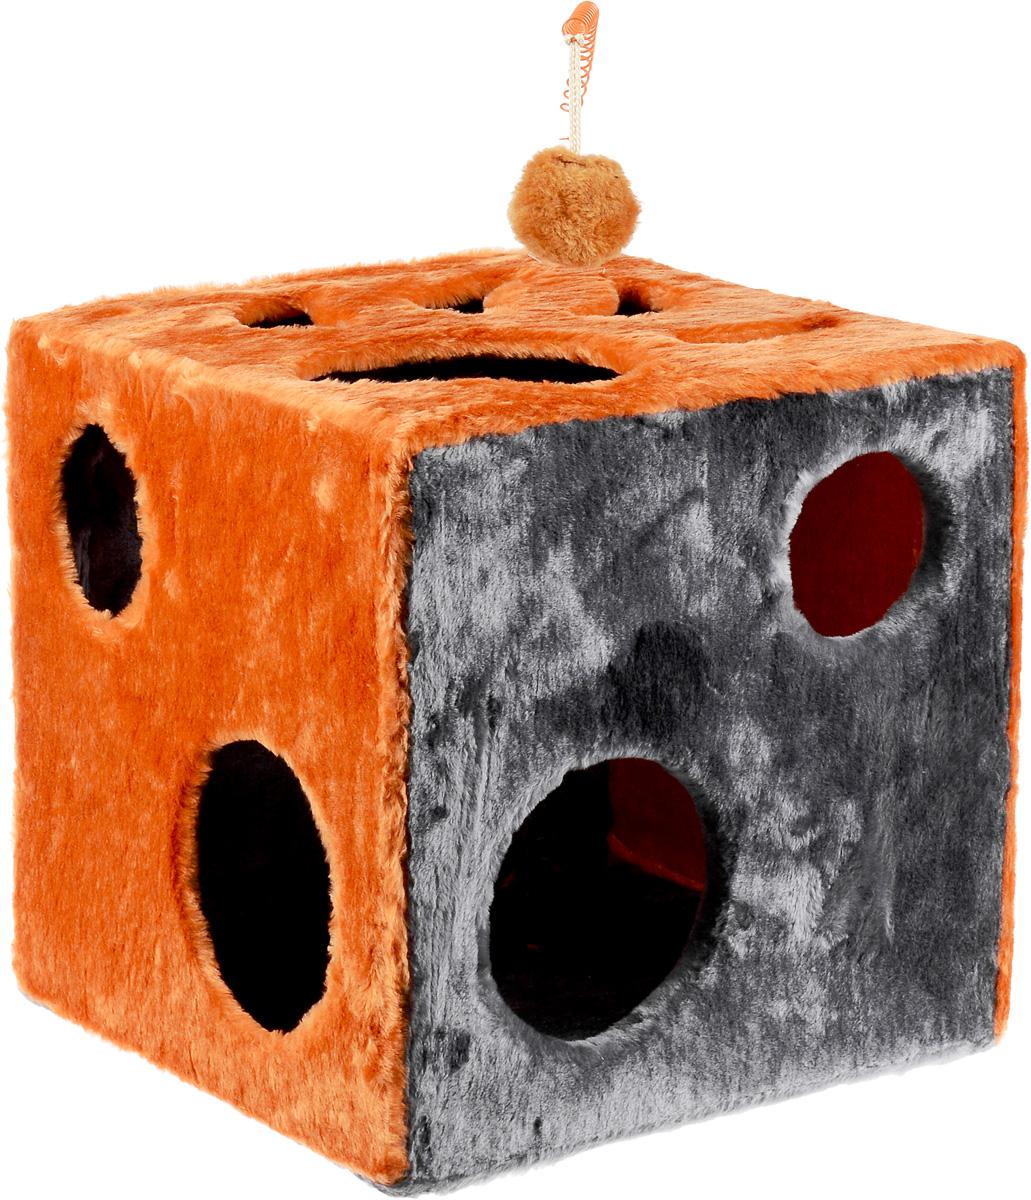 Домик для кошек ЗооМарк Кубик с лапкой, с игрушкой, цвет: оранжевый, серый, 42 х 42 х 42 см104_оранжевый, серыйДомик ЗооМарк Кубик с лапкой непременно станет любимым местом отдыха вашего домашнего животного. Он изготовлен из высококачественного дерева и обтянут искусственным мехом. Домик оформлен крупными отверстиями в виде лапы животного и кружков. Оригинальный домик для животных - отличное место, чтобы спрятаться. Также там можно хранить свои охотничьи трофеи. Сверху расположена игрушка на пружине.